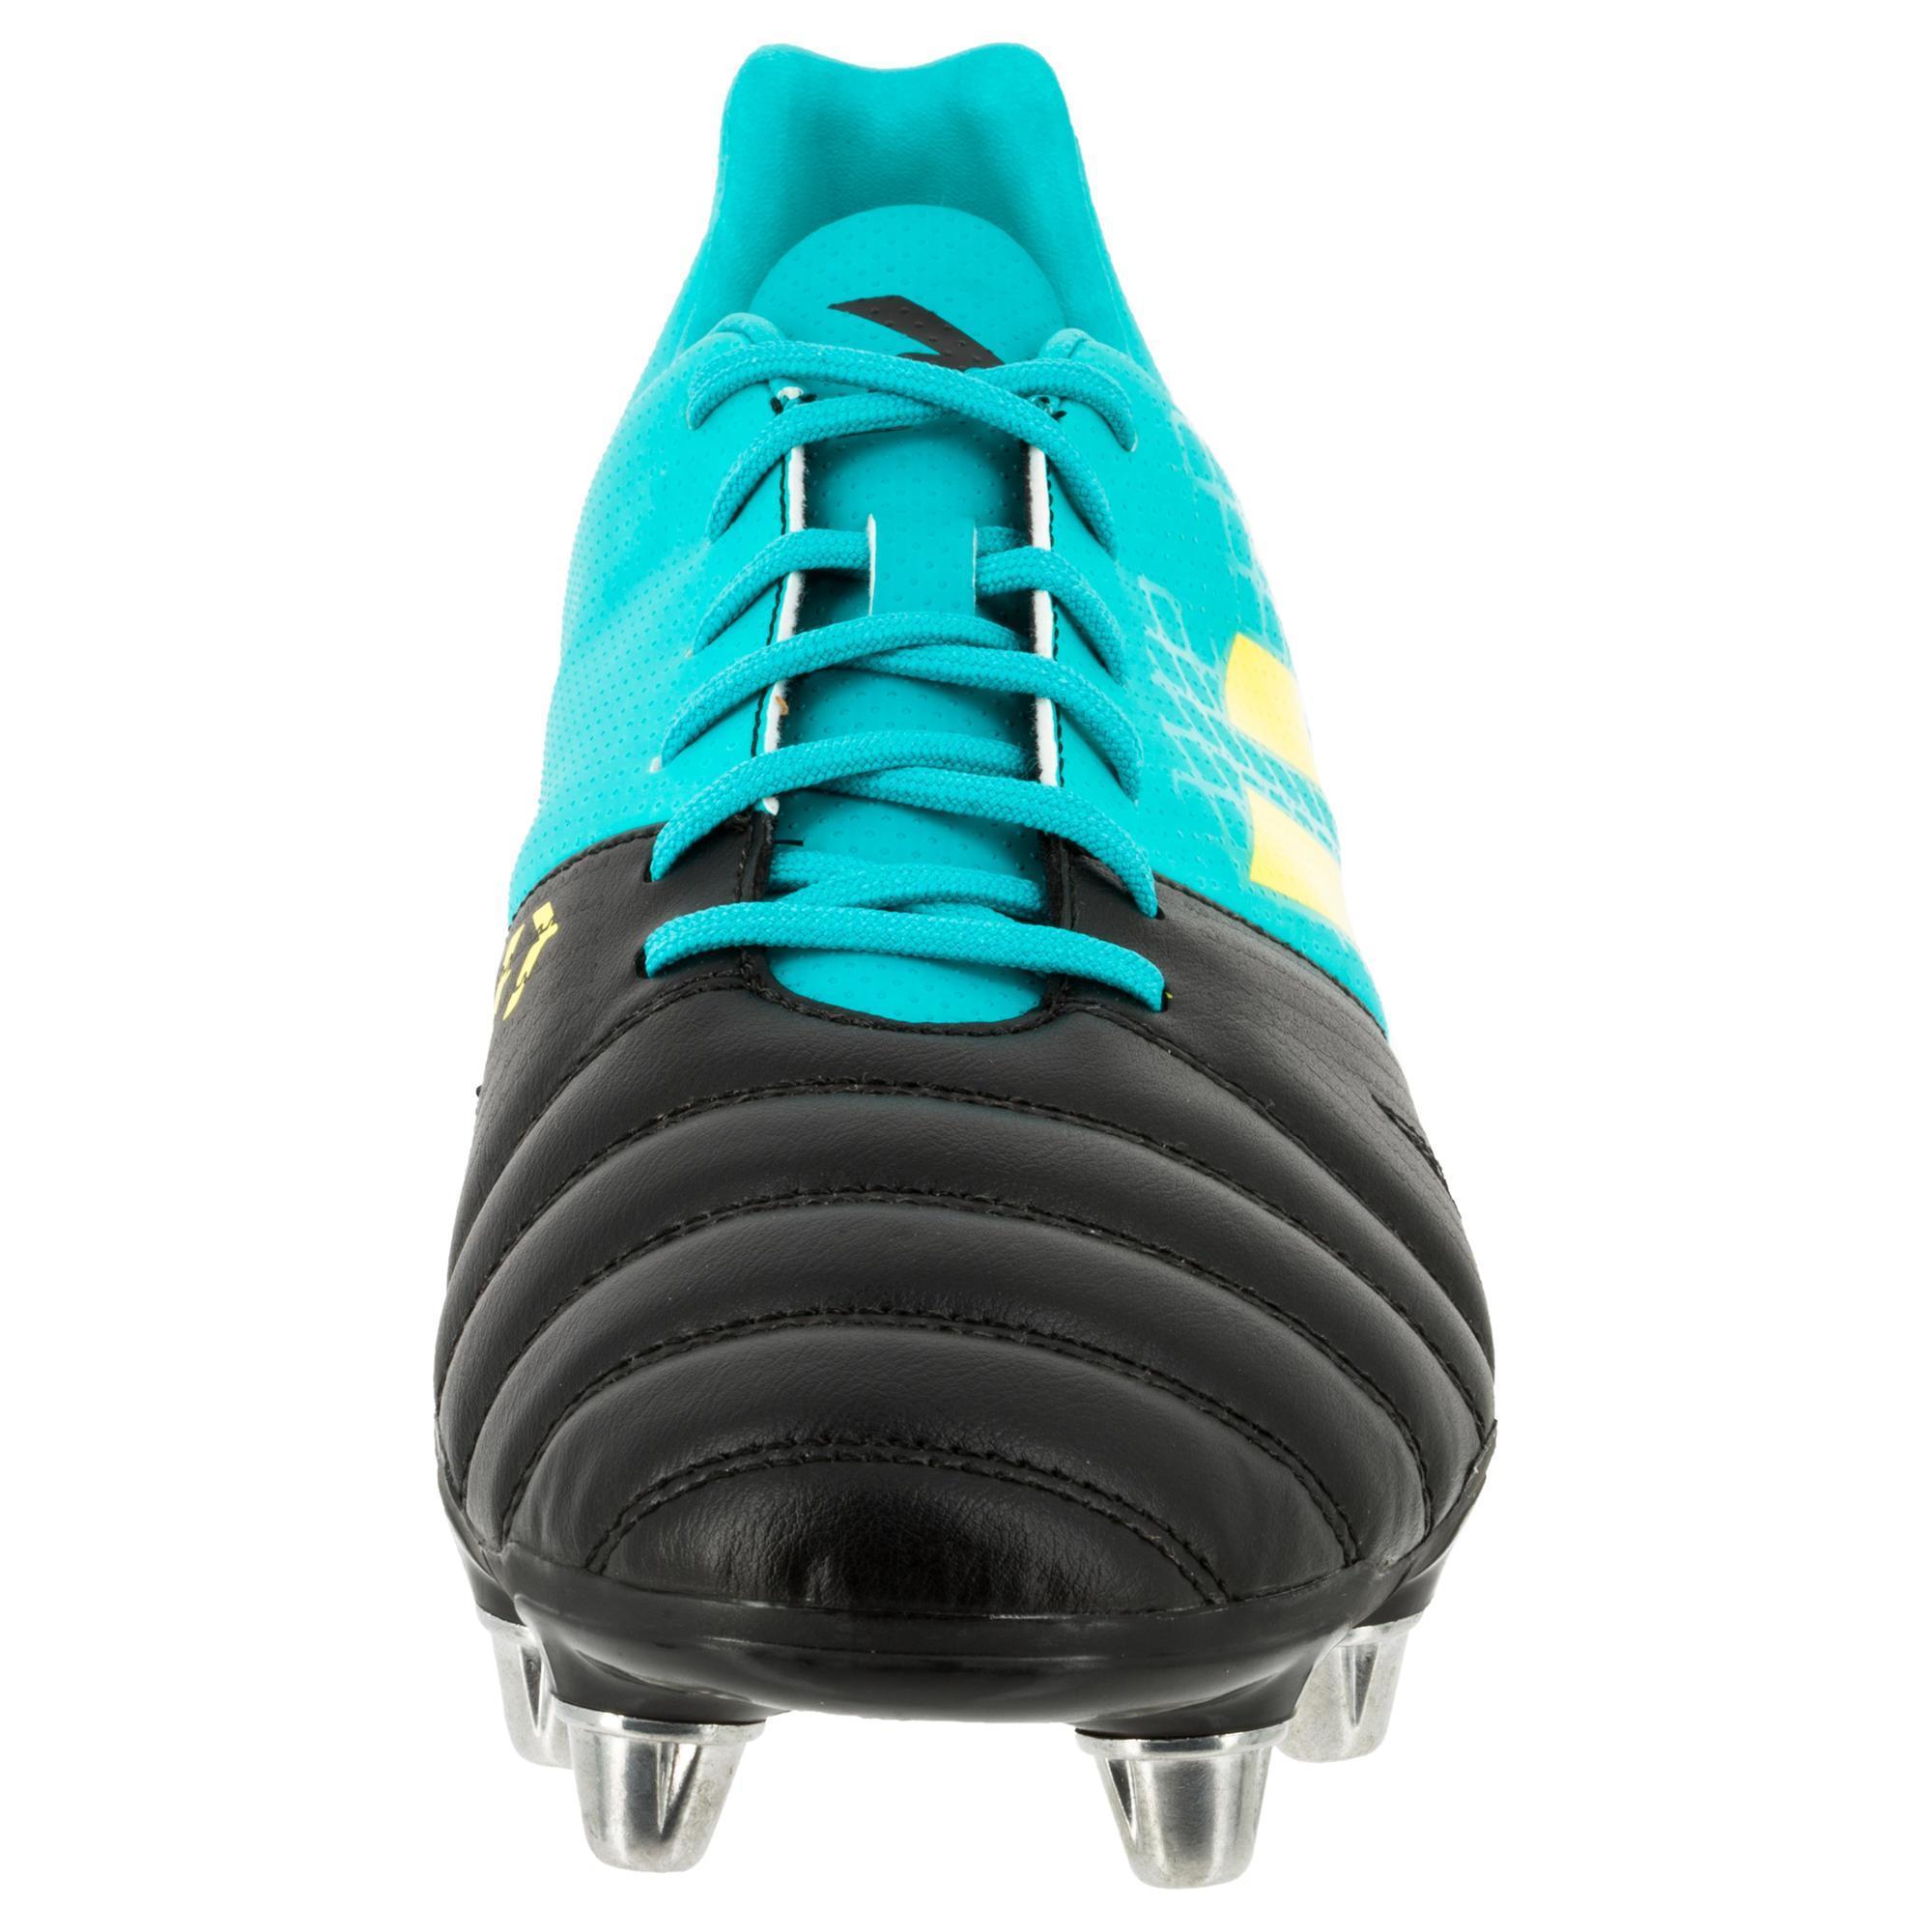 brand new a8d5e a10f6 Adidas Crampons Noir Kakari Adulte Rugby 8 Chaussures Sg De